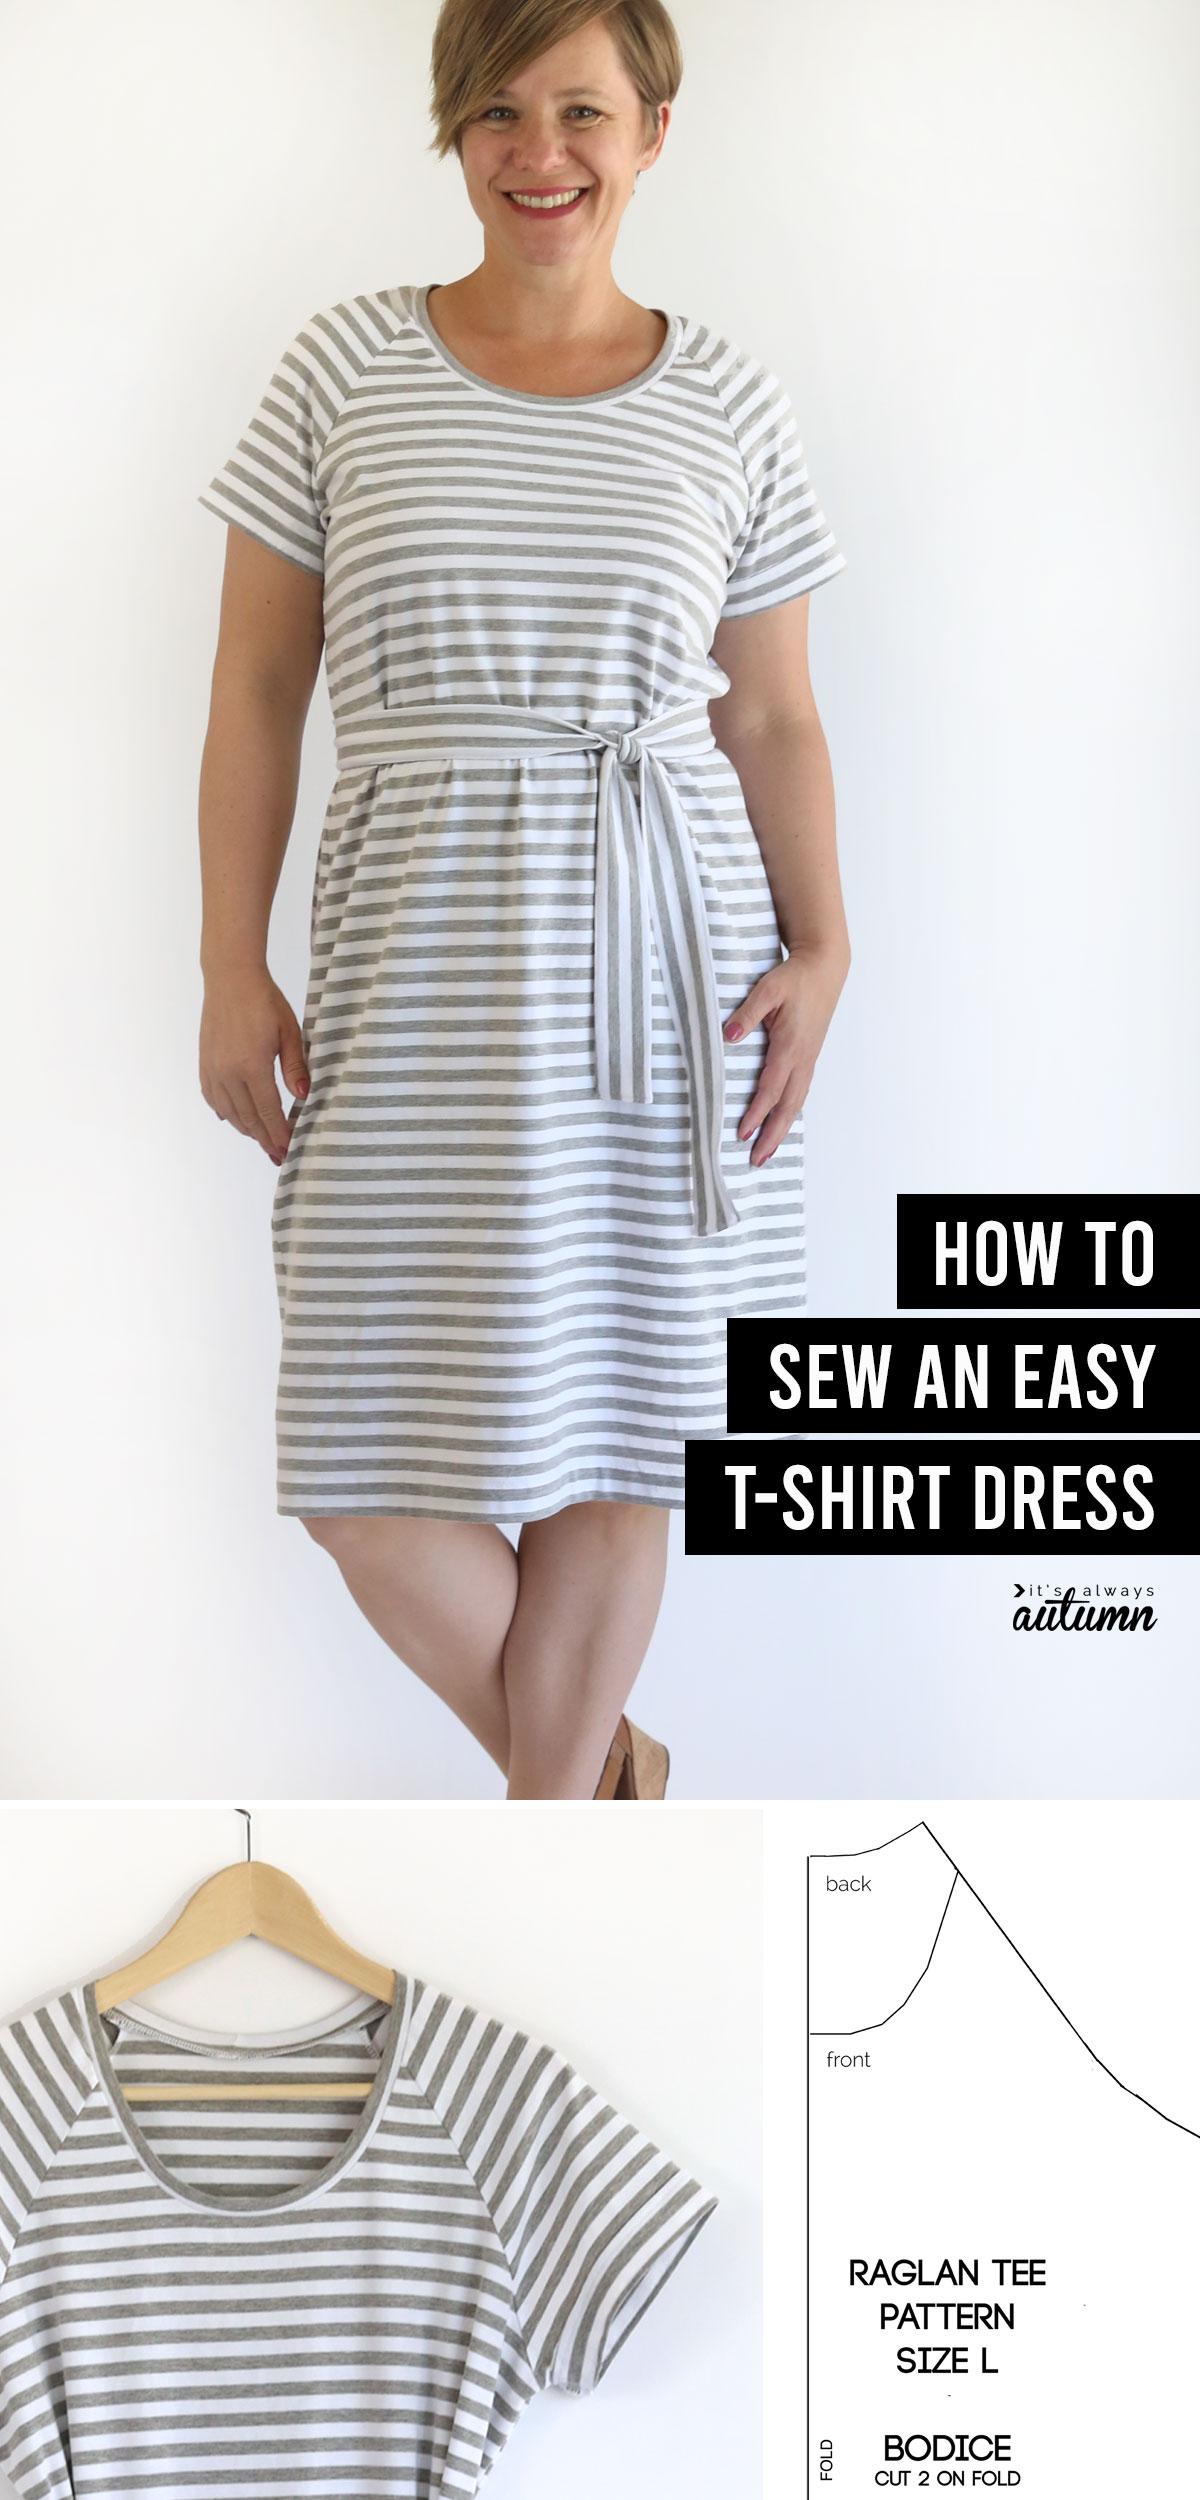 Woman wearing t-shirt dress; closeup of dress on hanger; t-shirt pattern; text: how to sew an easy t-shirt dress